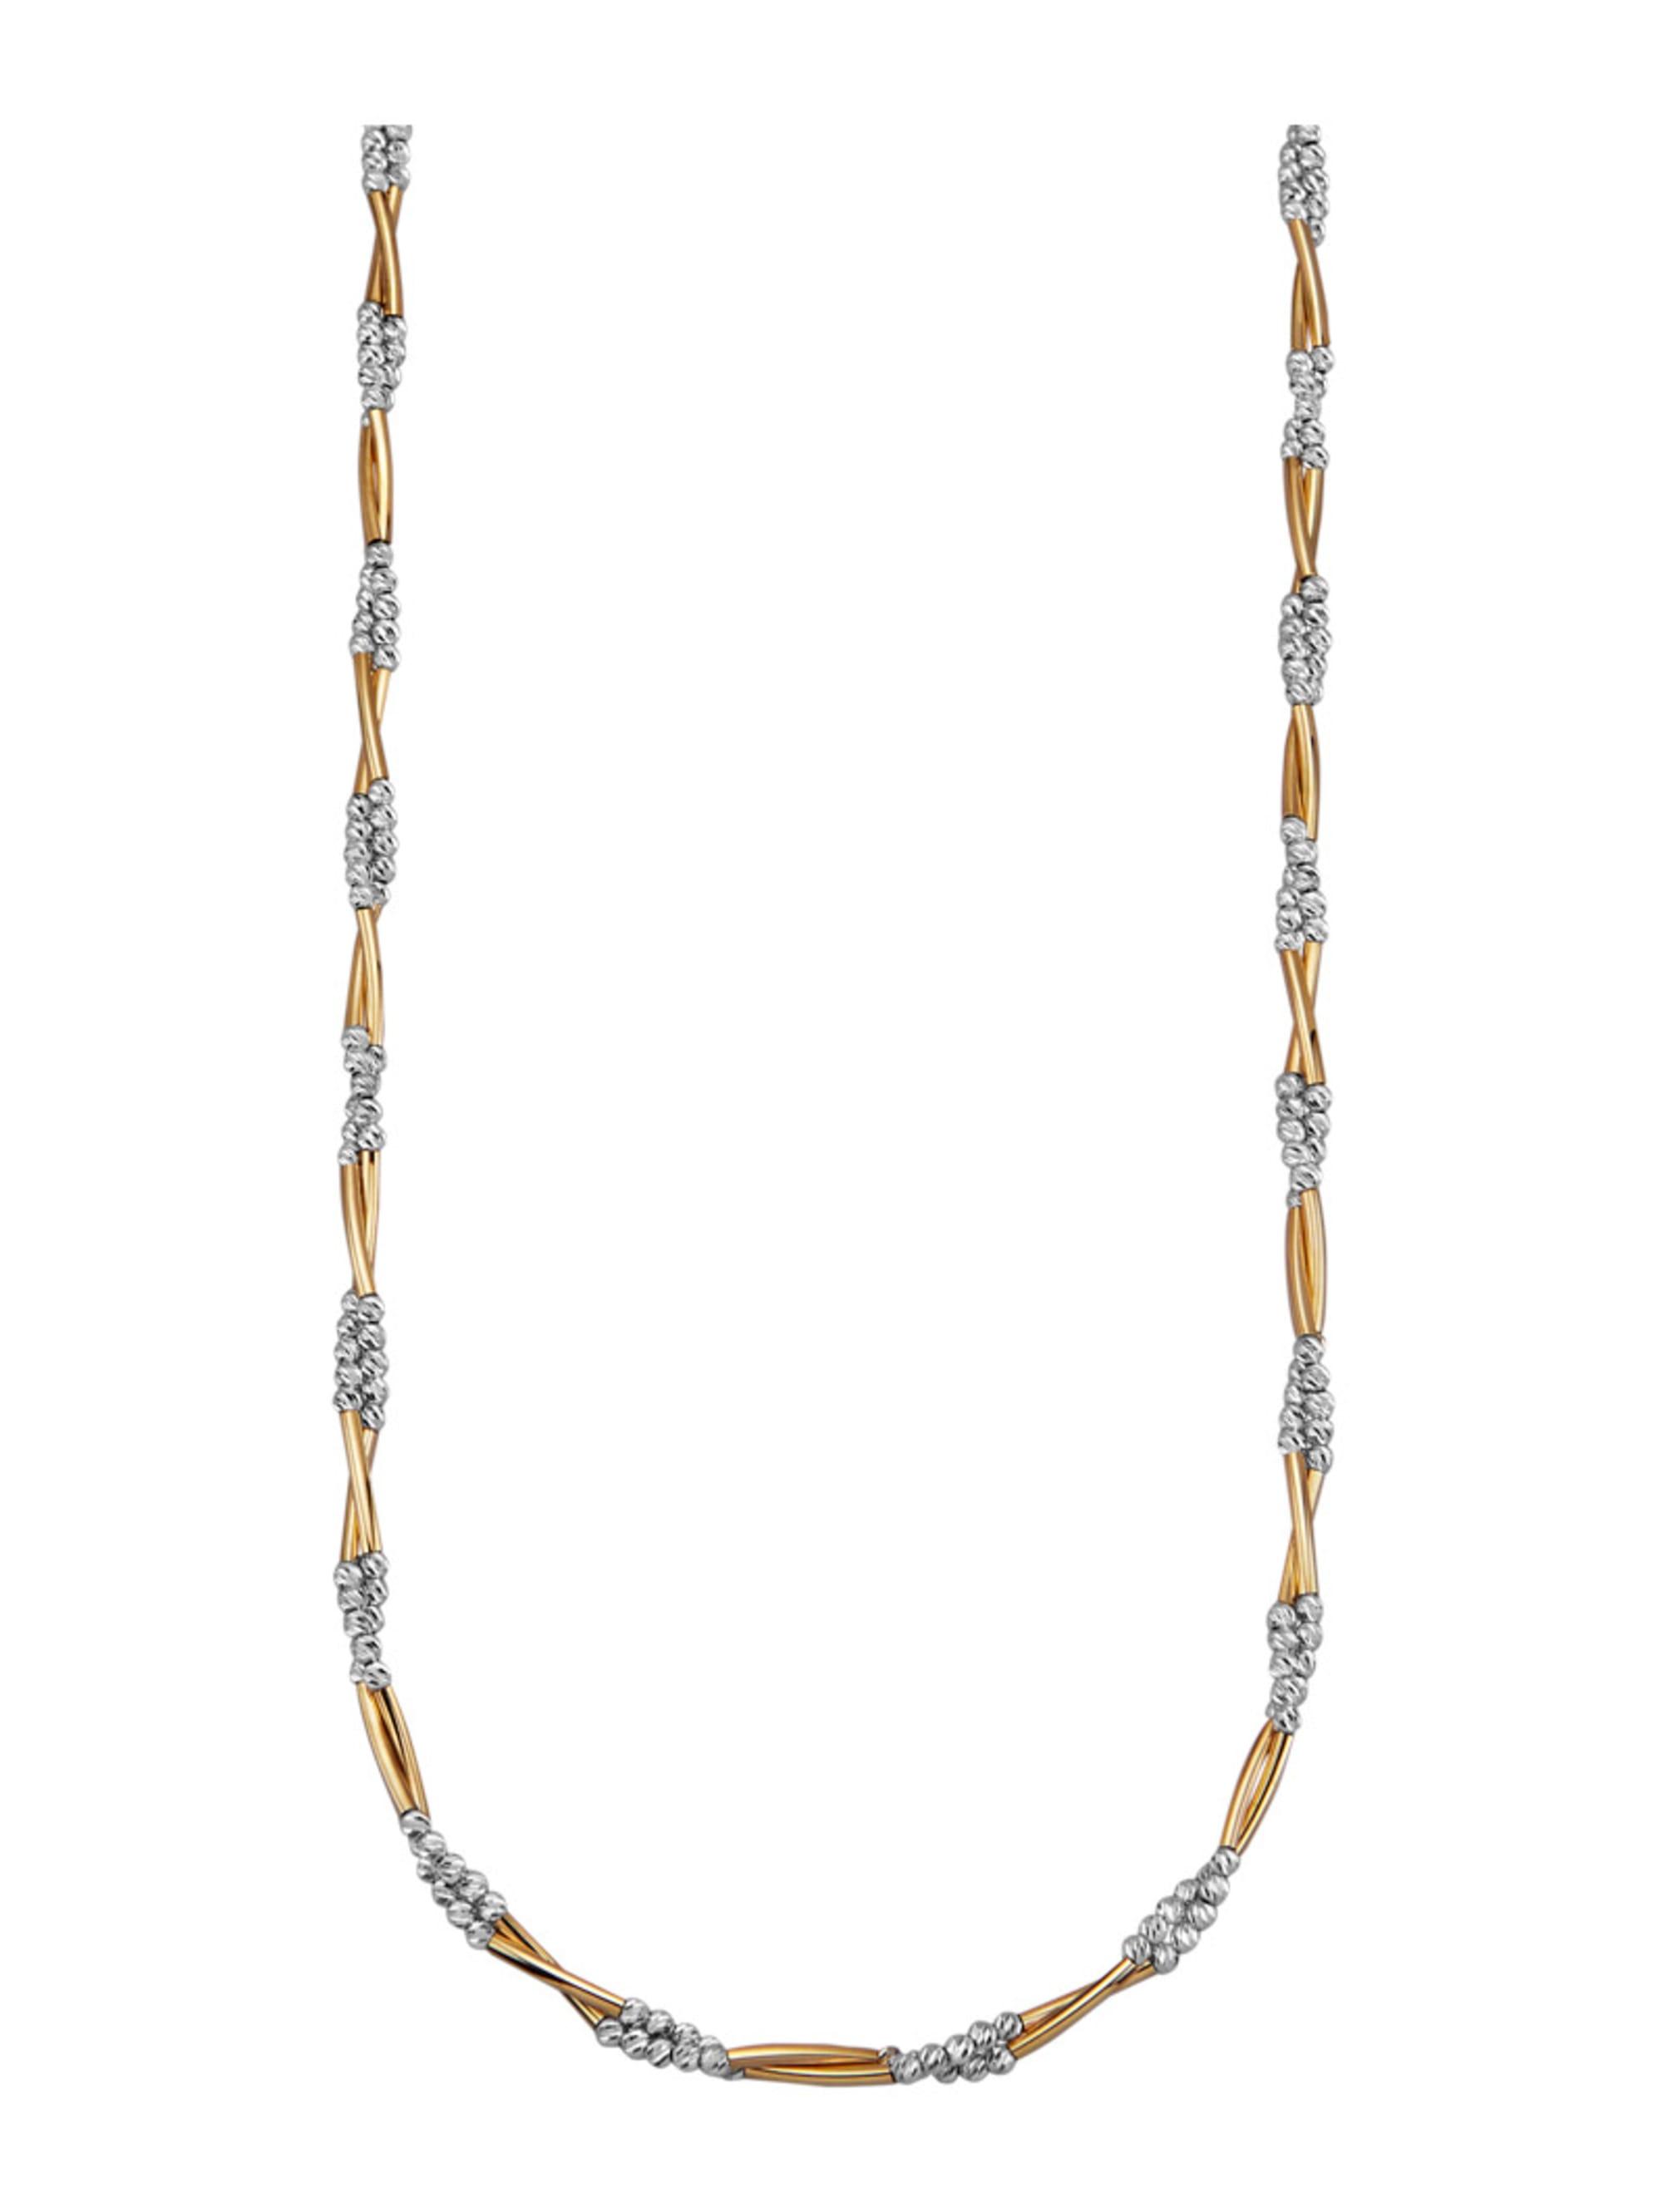 Diemer Gold Halskette in Gelbgold 585 TJkAr